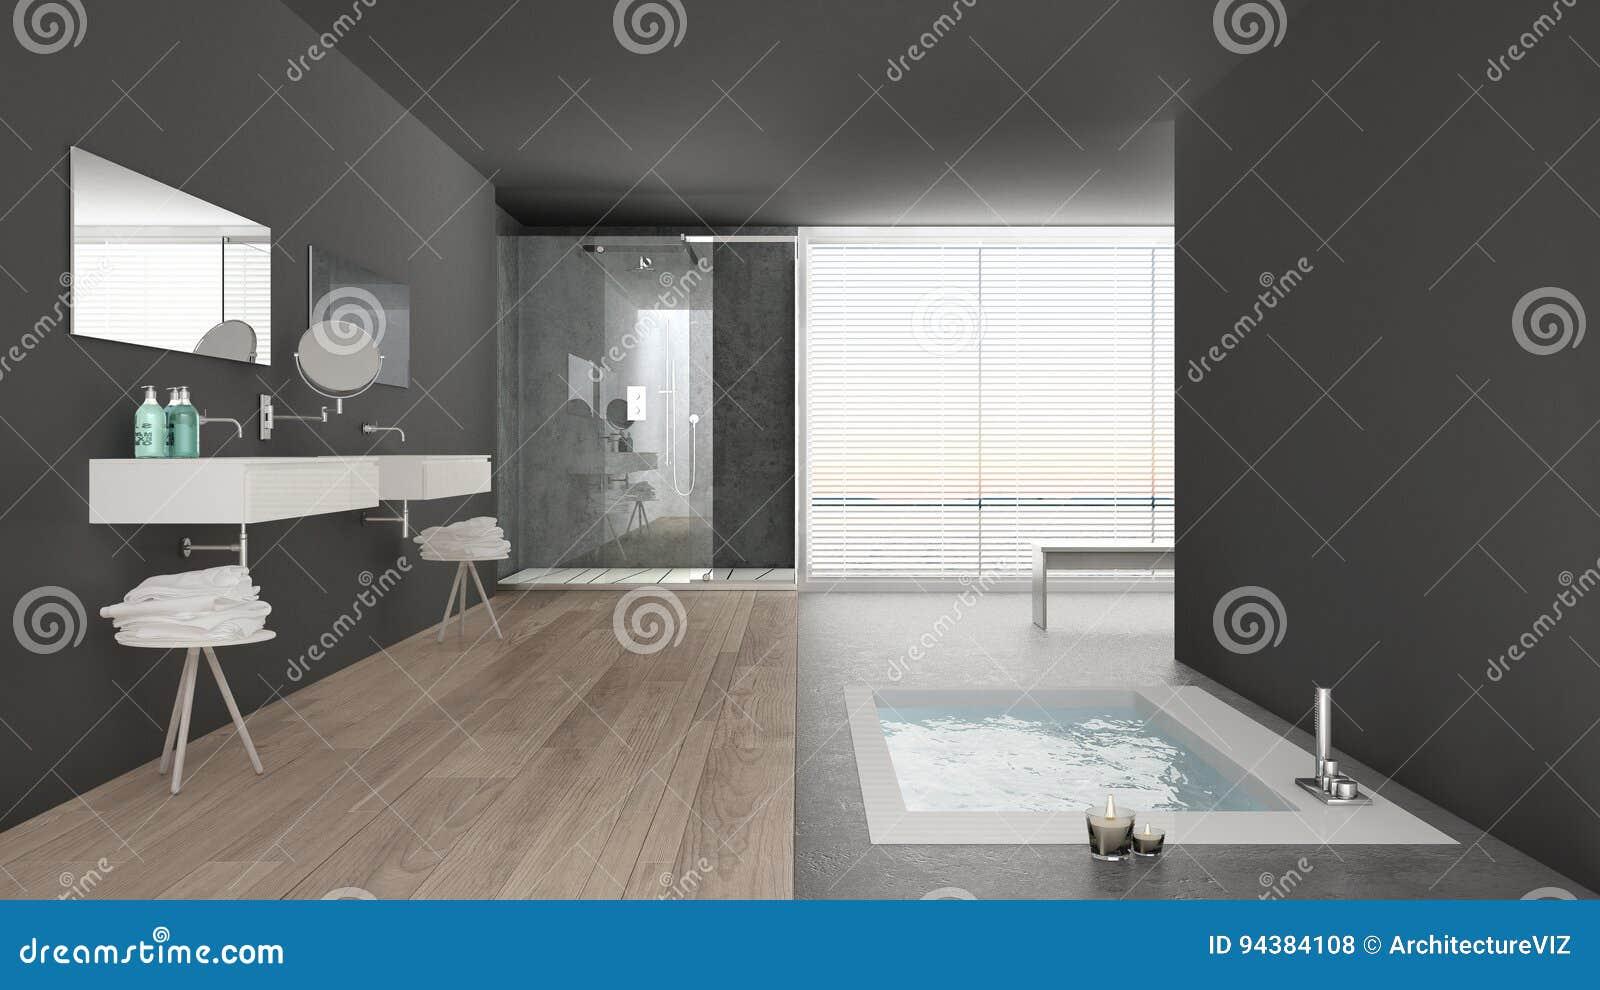 Vasca Da Bagno Disegno : Bagno bianco e grigio minimalista con la vasca da bagno e